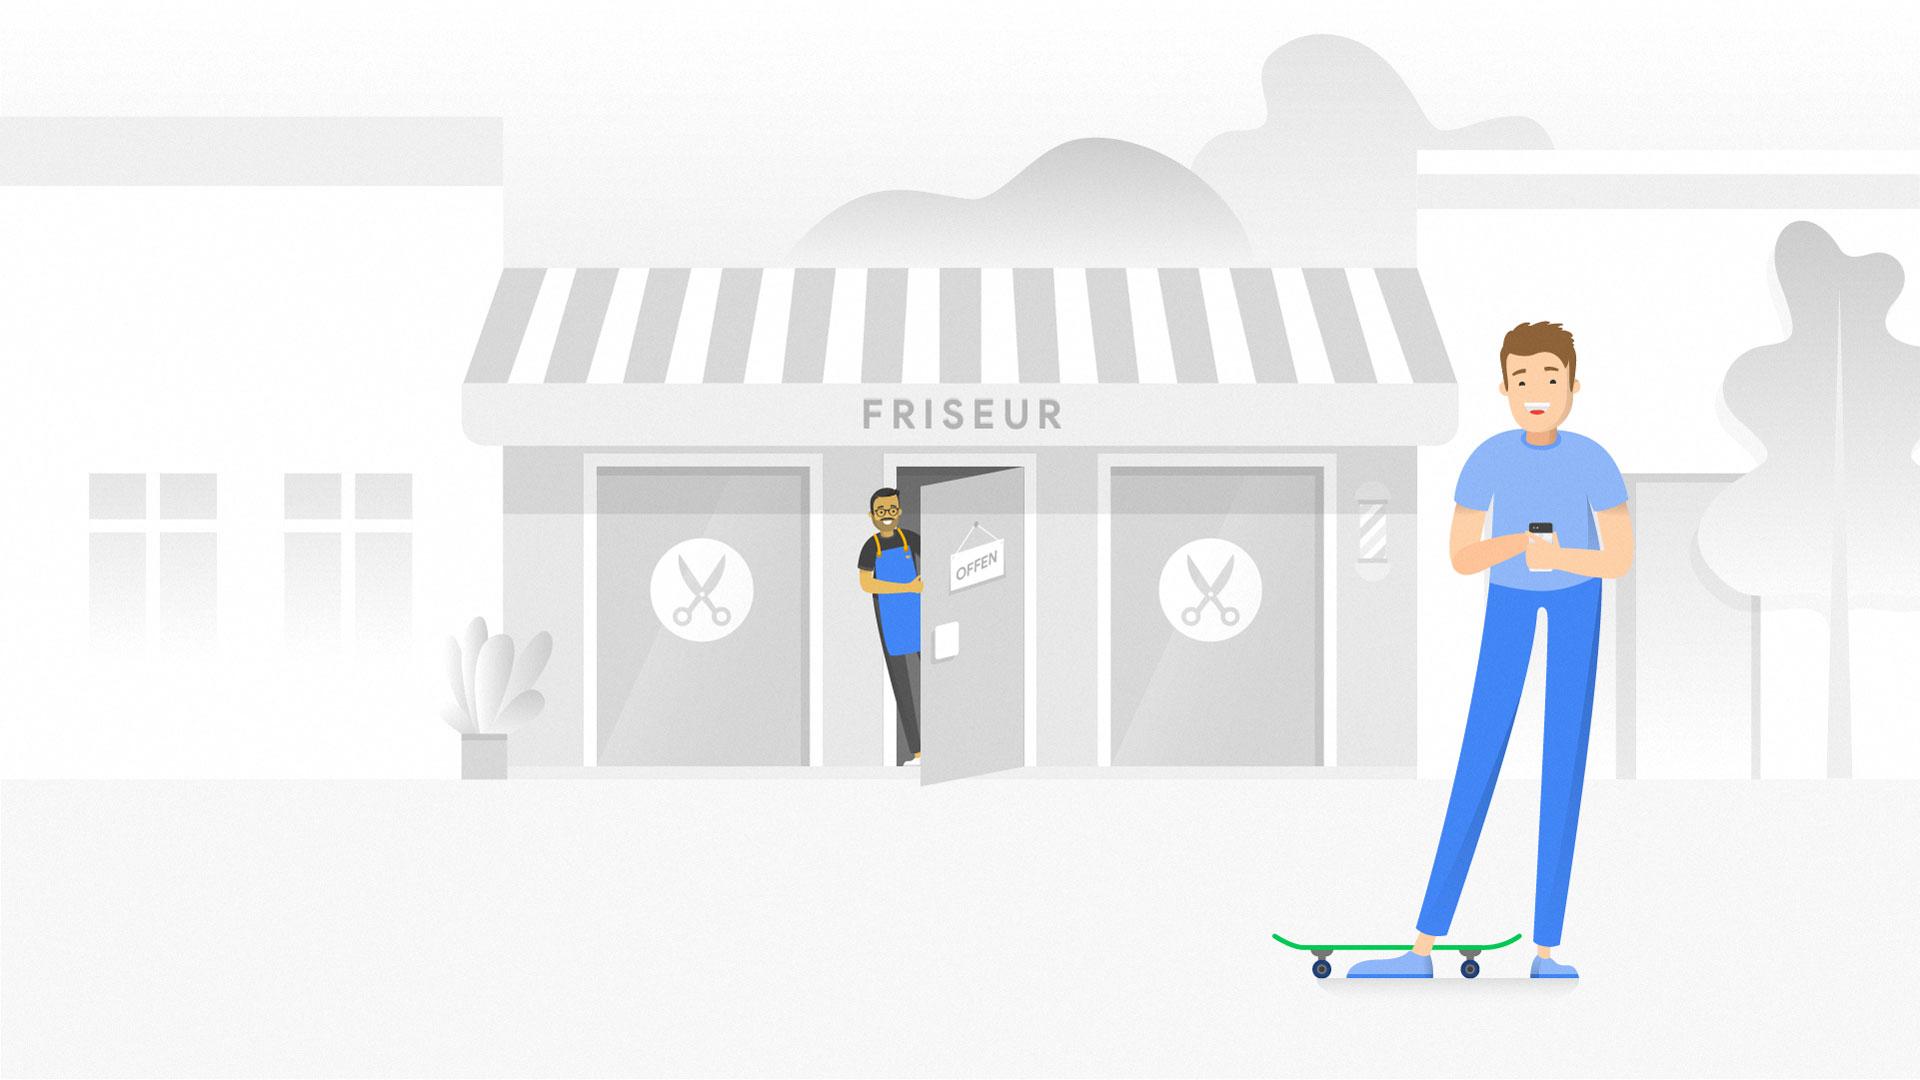 VS_Google_SMB_Friseur-Endframe